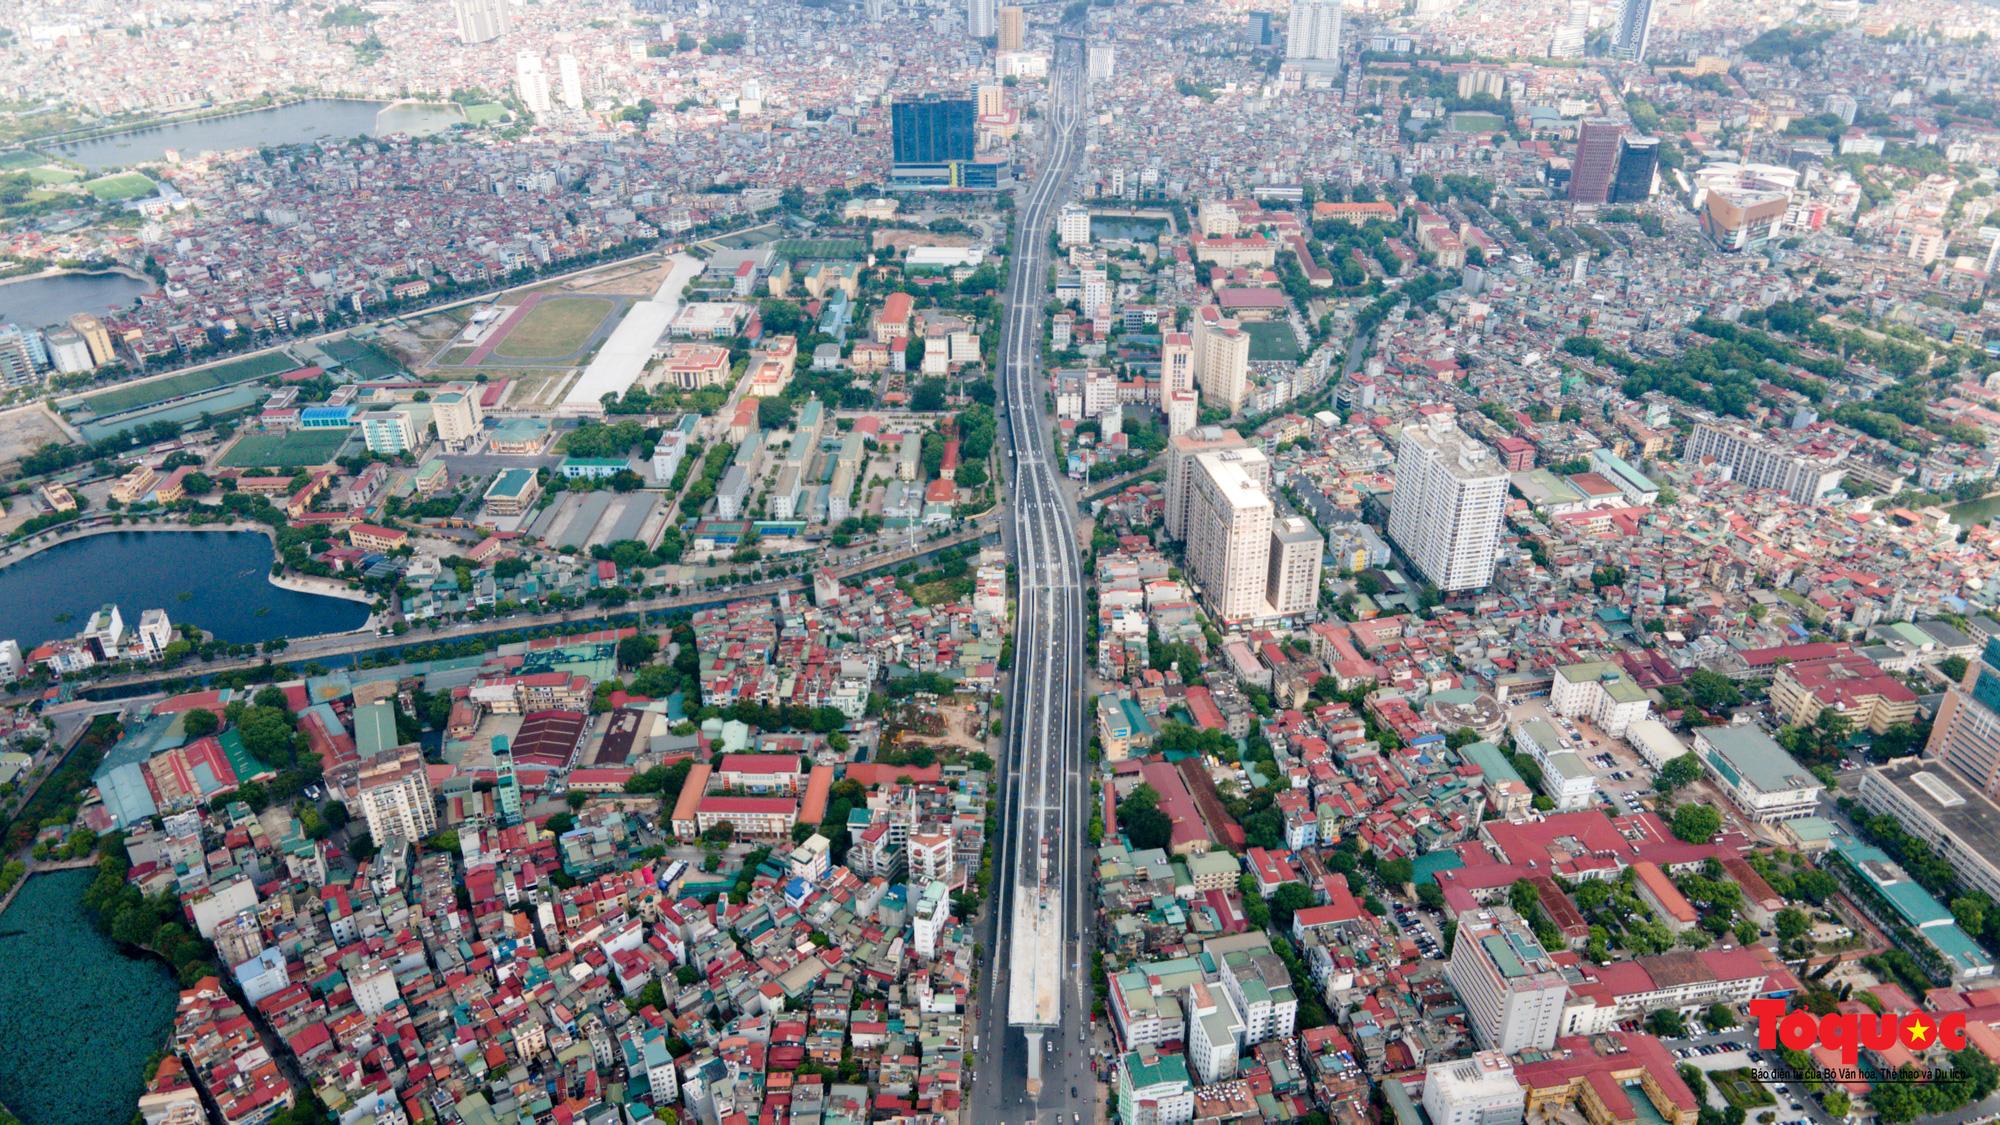 Dấu ấn những công trình giao thông tạo nên diện mạo mới cho Thủ đô Hà Nội năm 2020 - Ảnh 5.